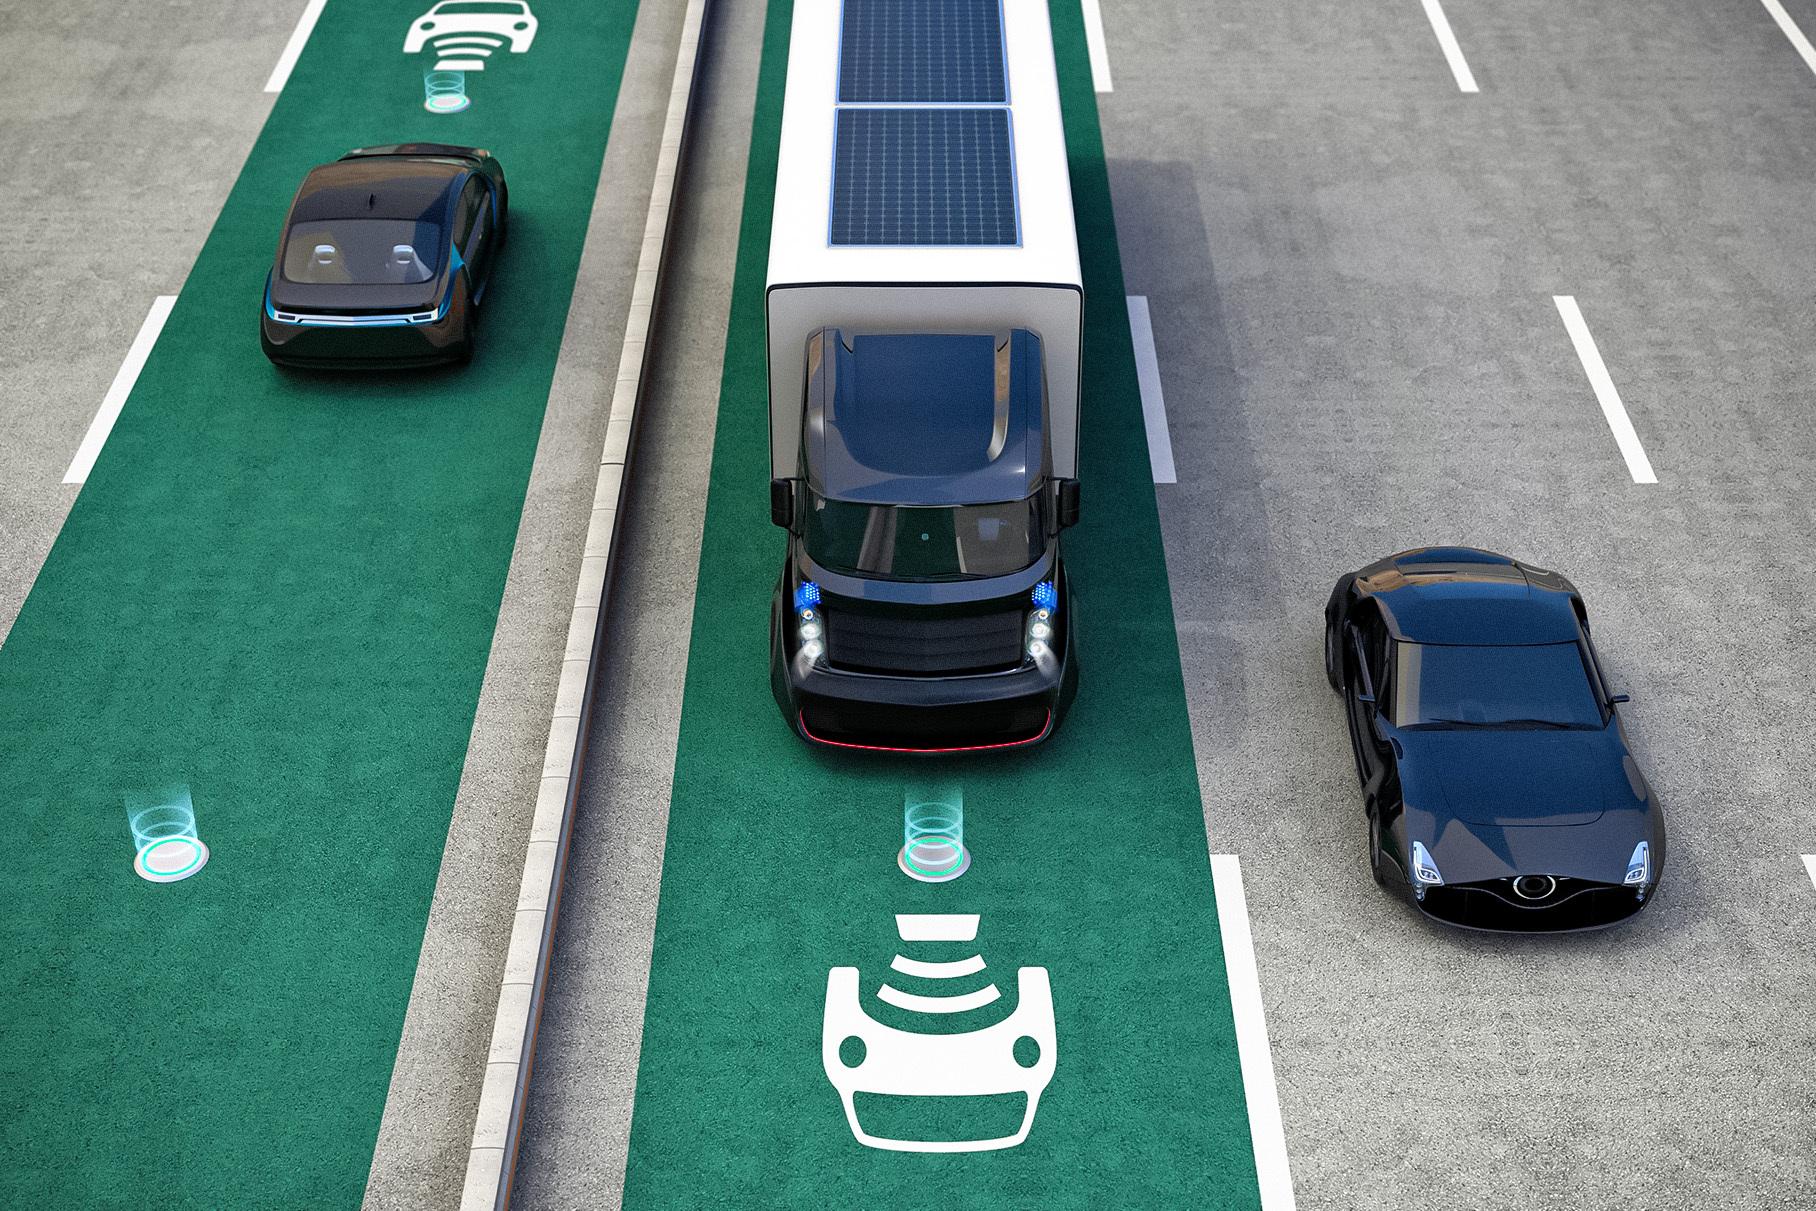 В США построят дорогу, которая будет заряжать электромобили во время движения